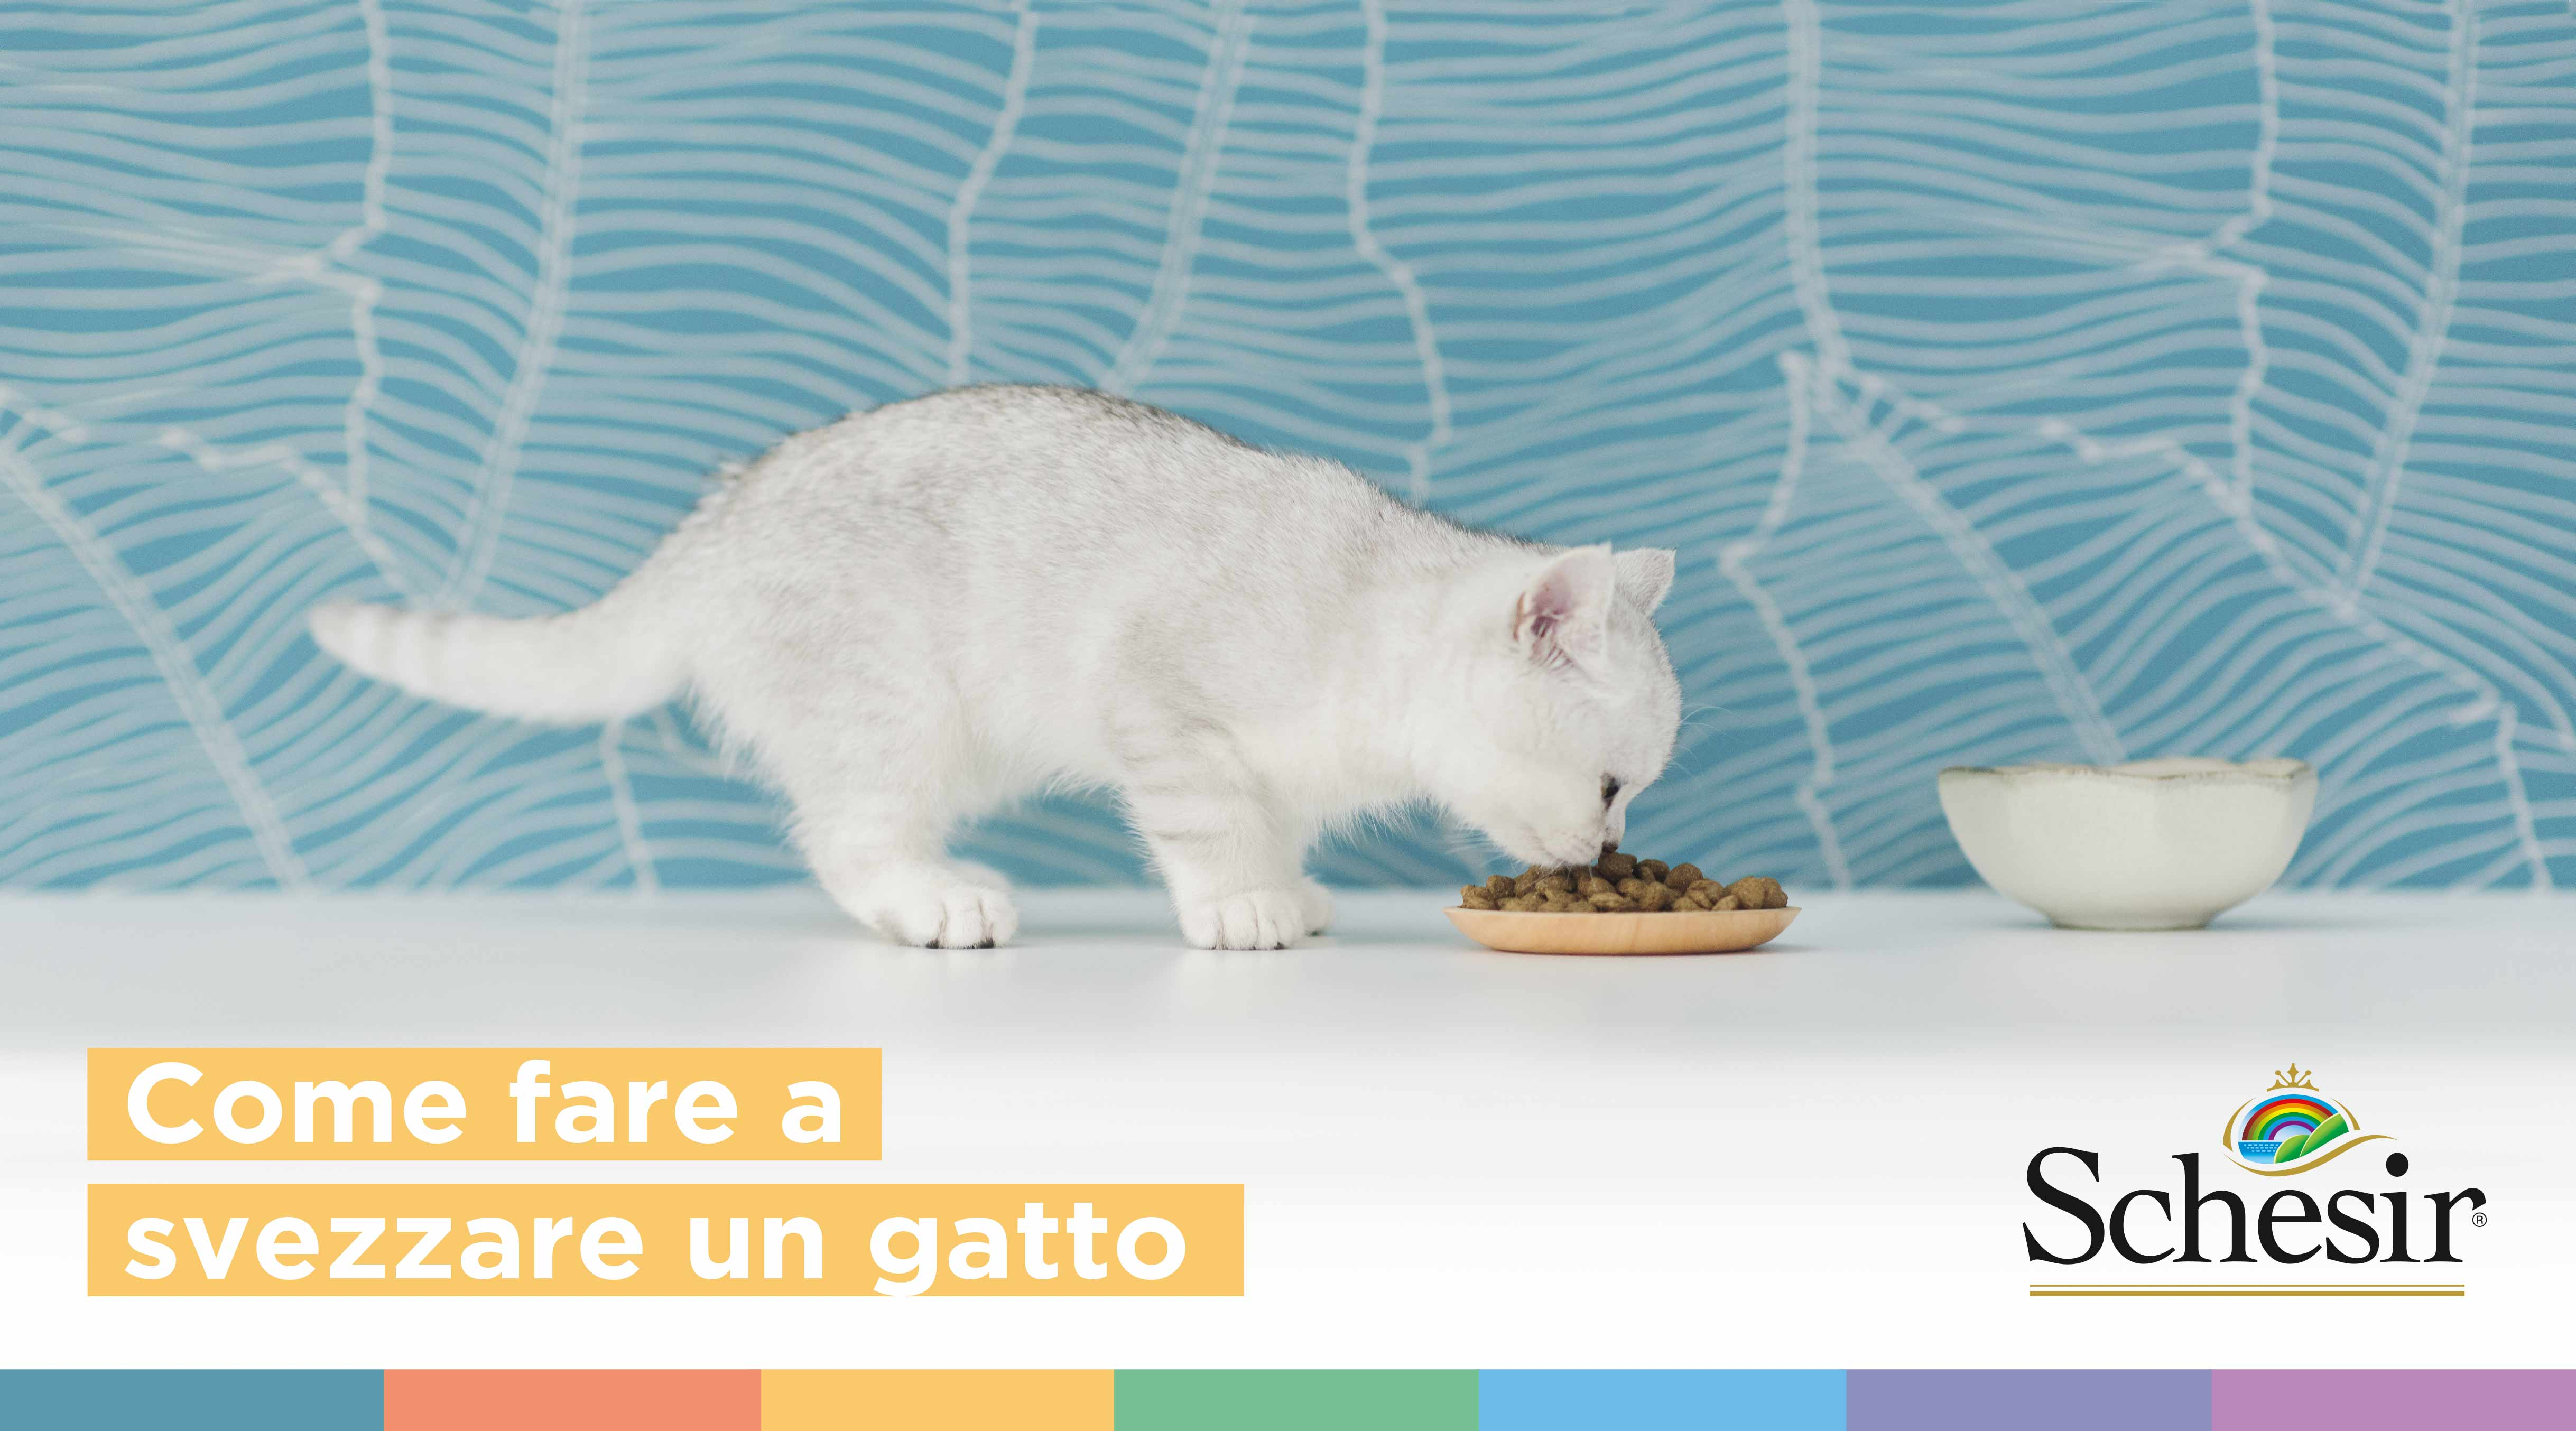 Come fare a svezzare un gatto: i nostri consigli, Schesir